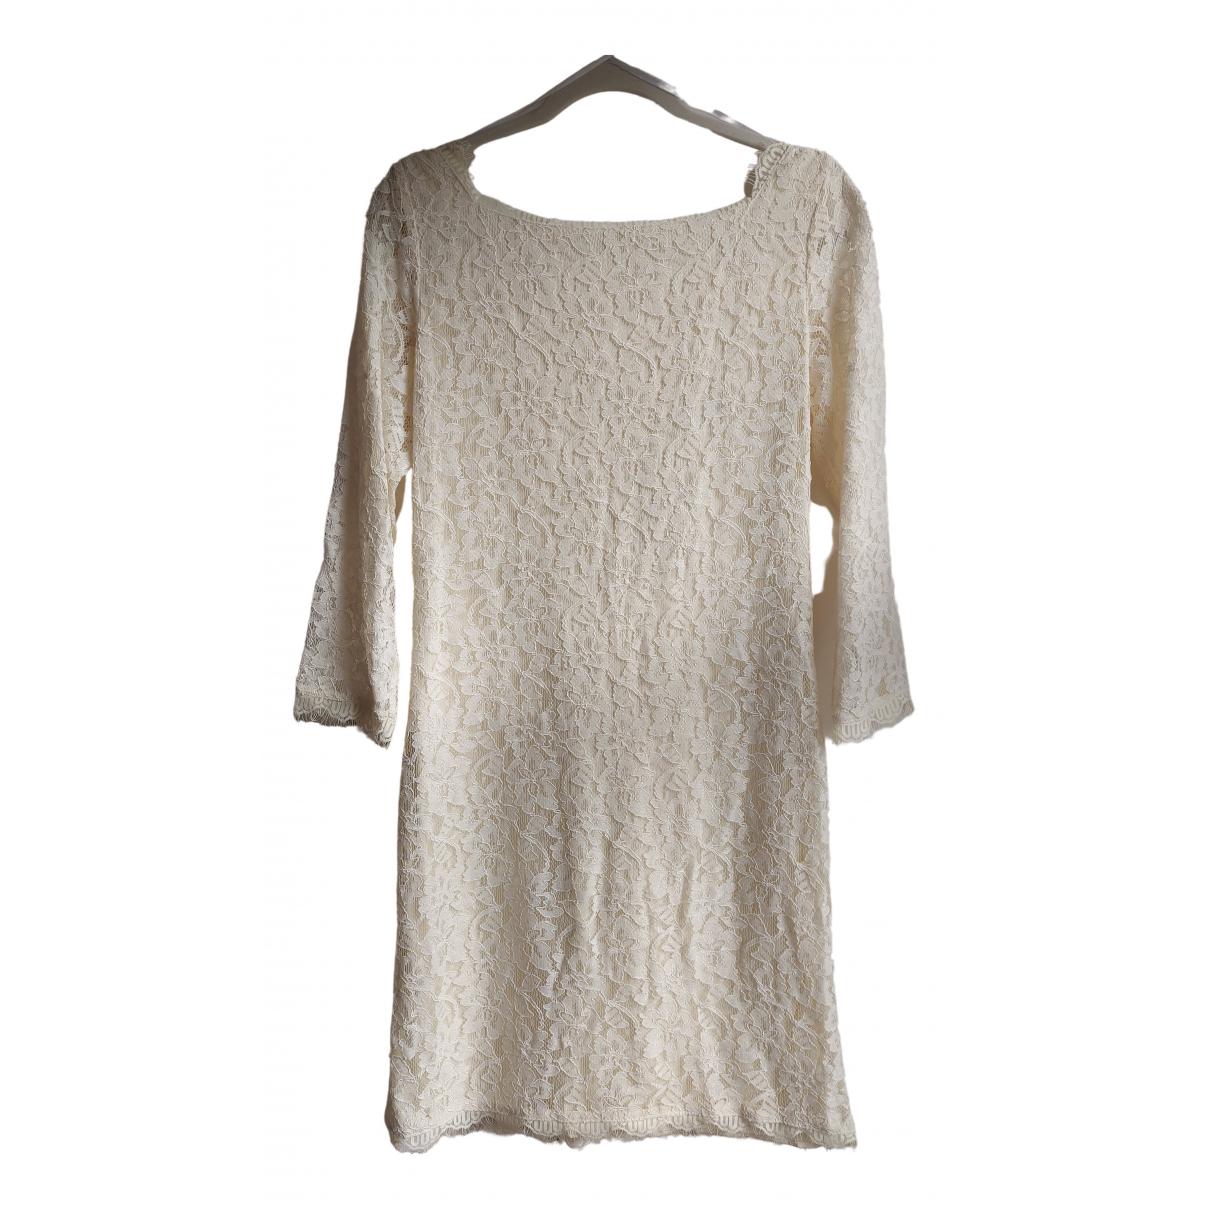 Diane Von Furstenberg N Ecru dress for Women 12 US